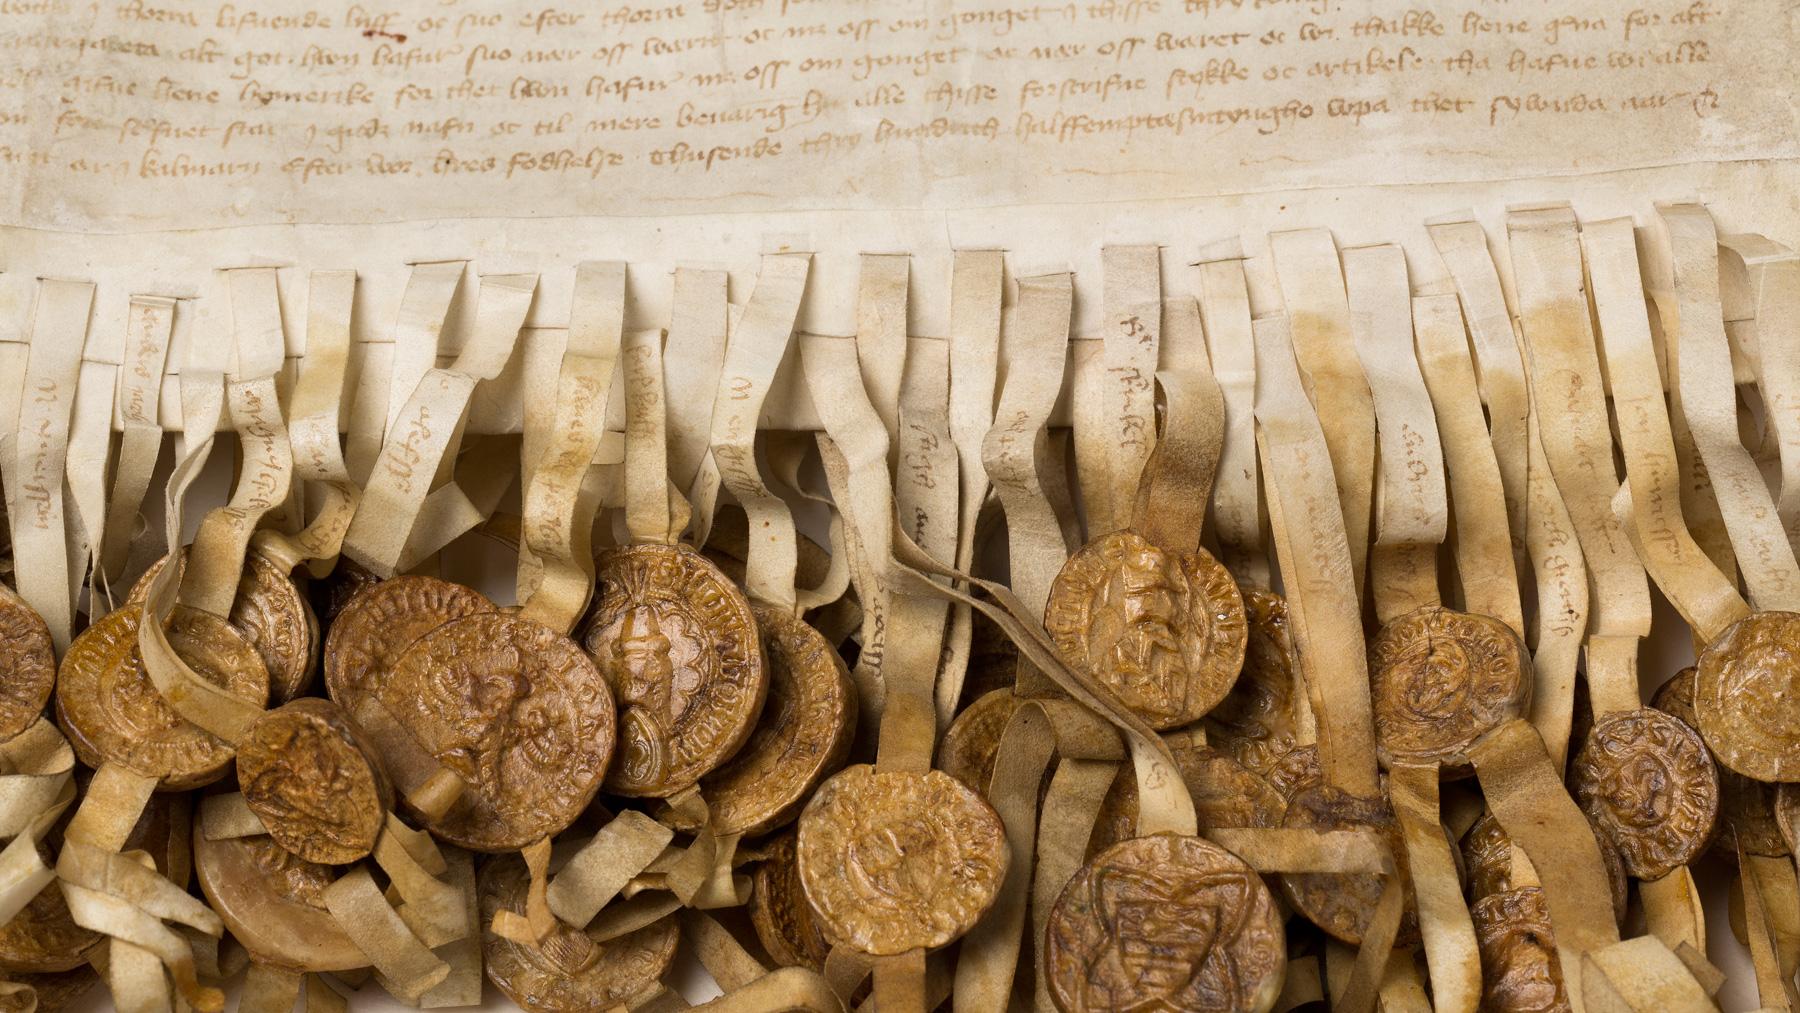 Diplomatarium Danicum og historikerne